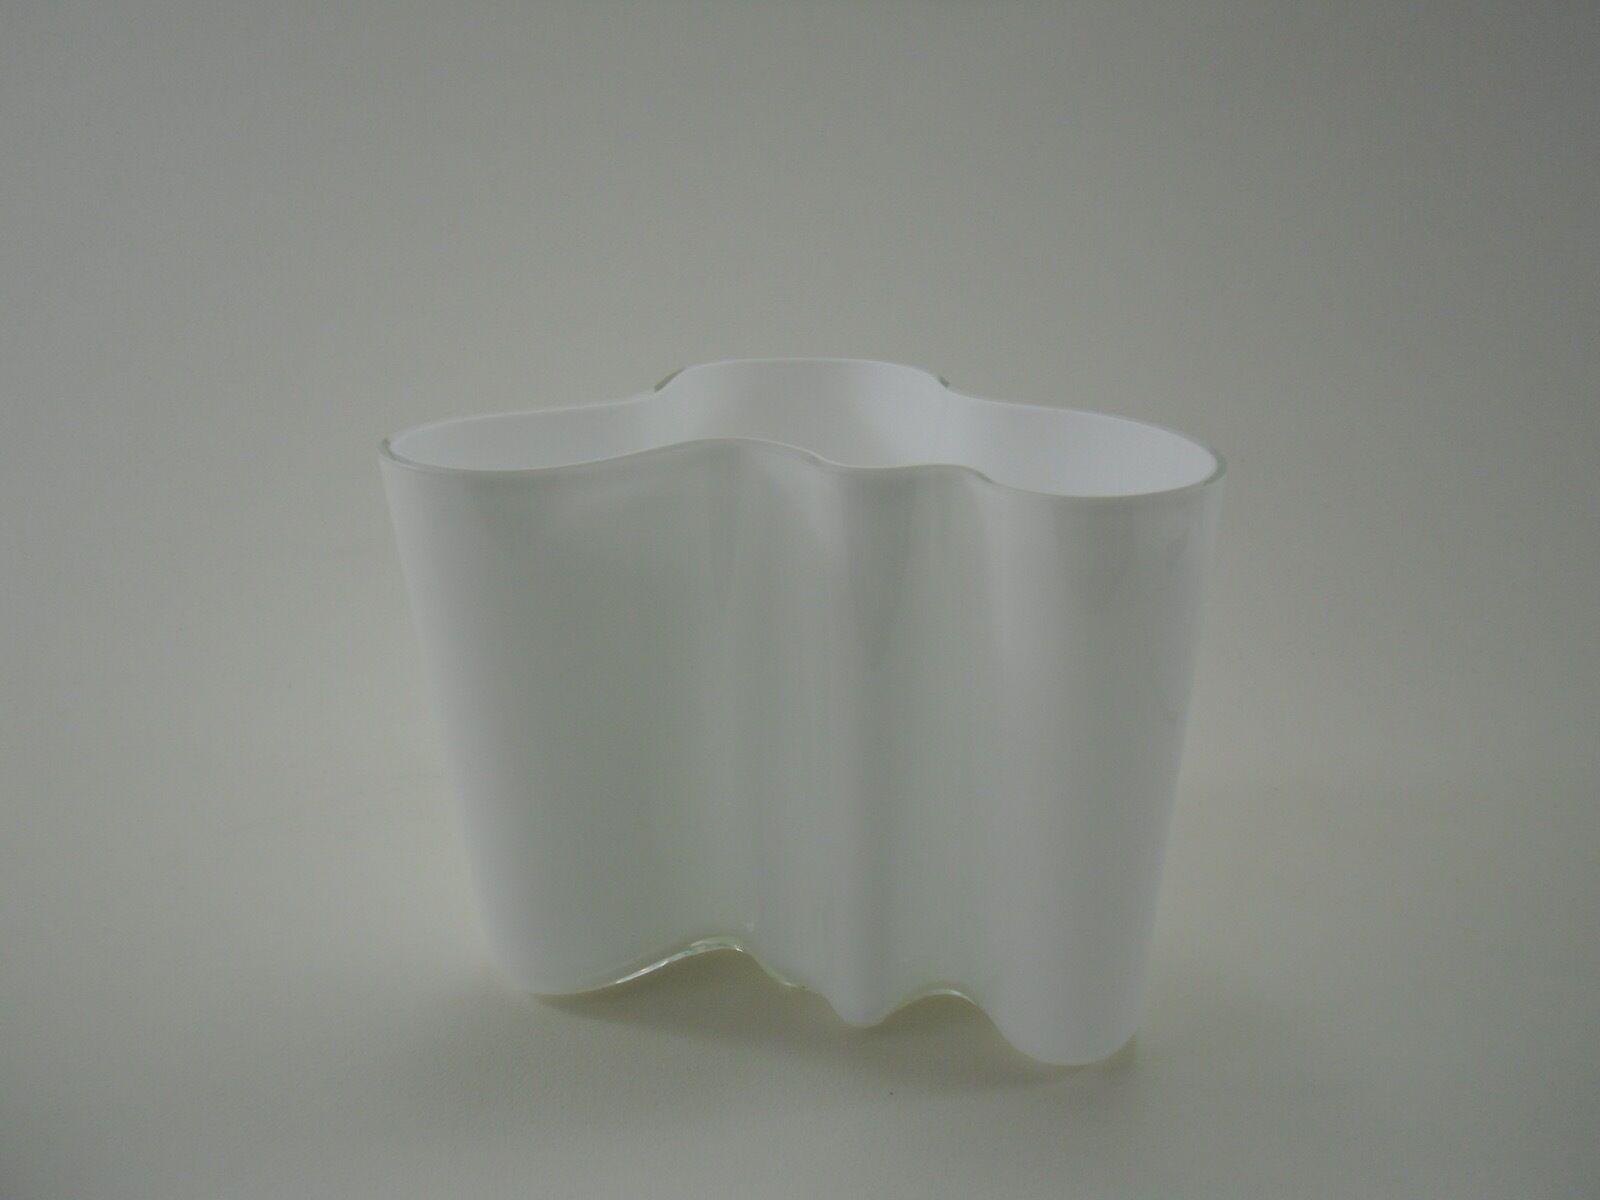 IITTALA Alvar Aalto Savoy jarrón Opal blancoo blancoo 160 mm °